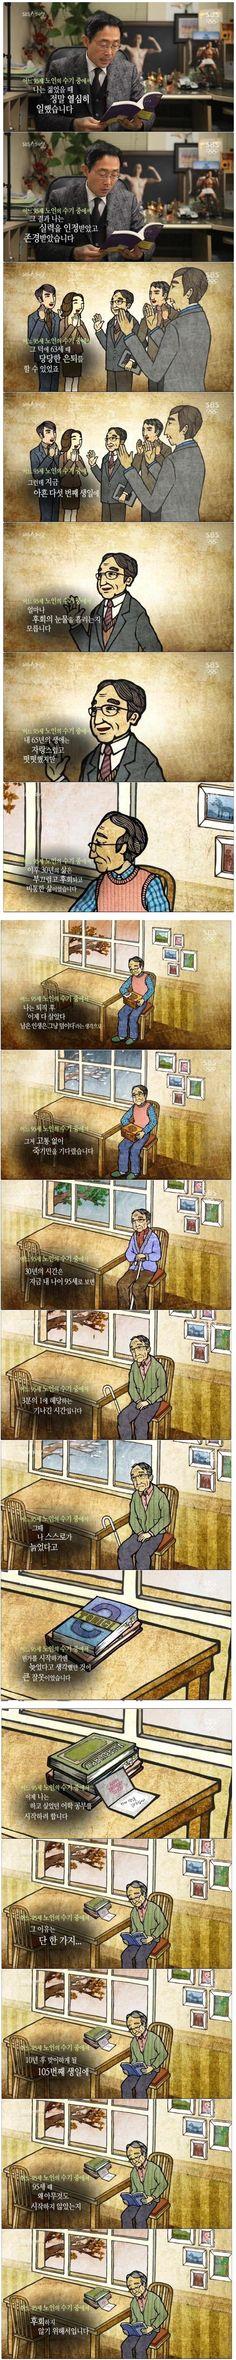 어느 95세 노인의 수기